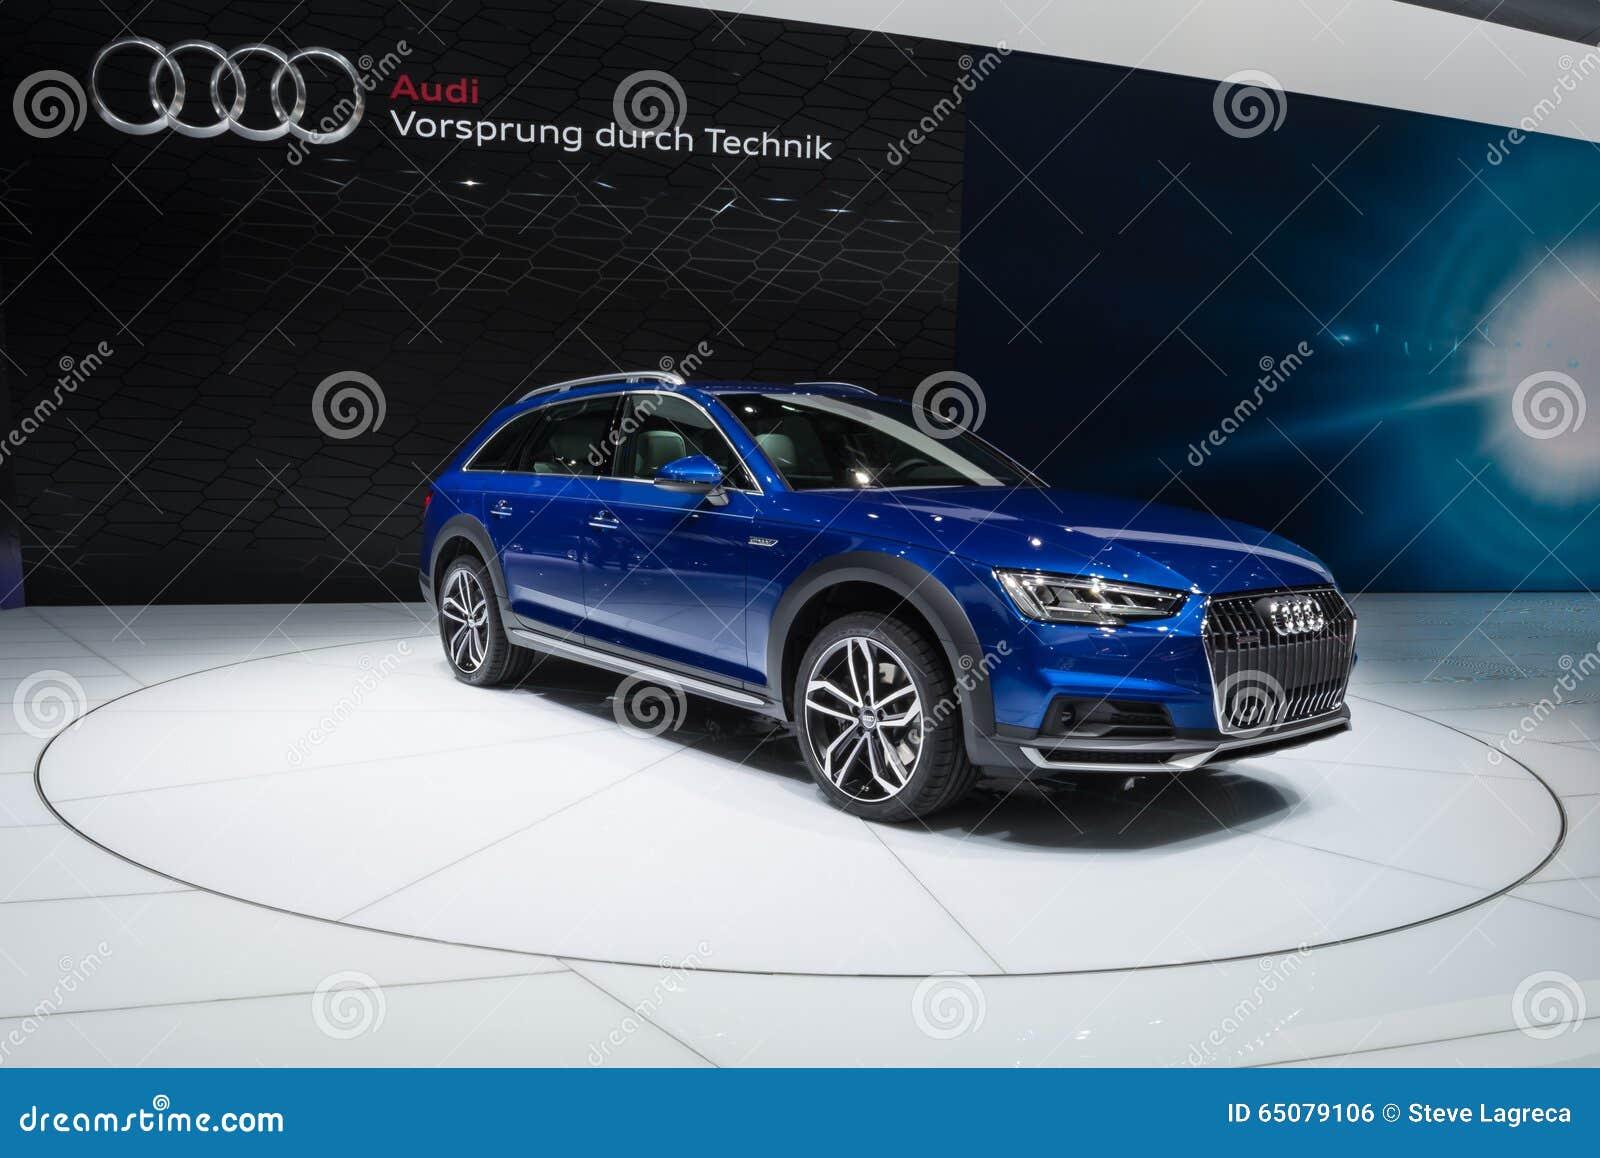 2016 Audi A4 Allroad Quattro Editorial Photo - Image of ...